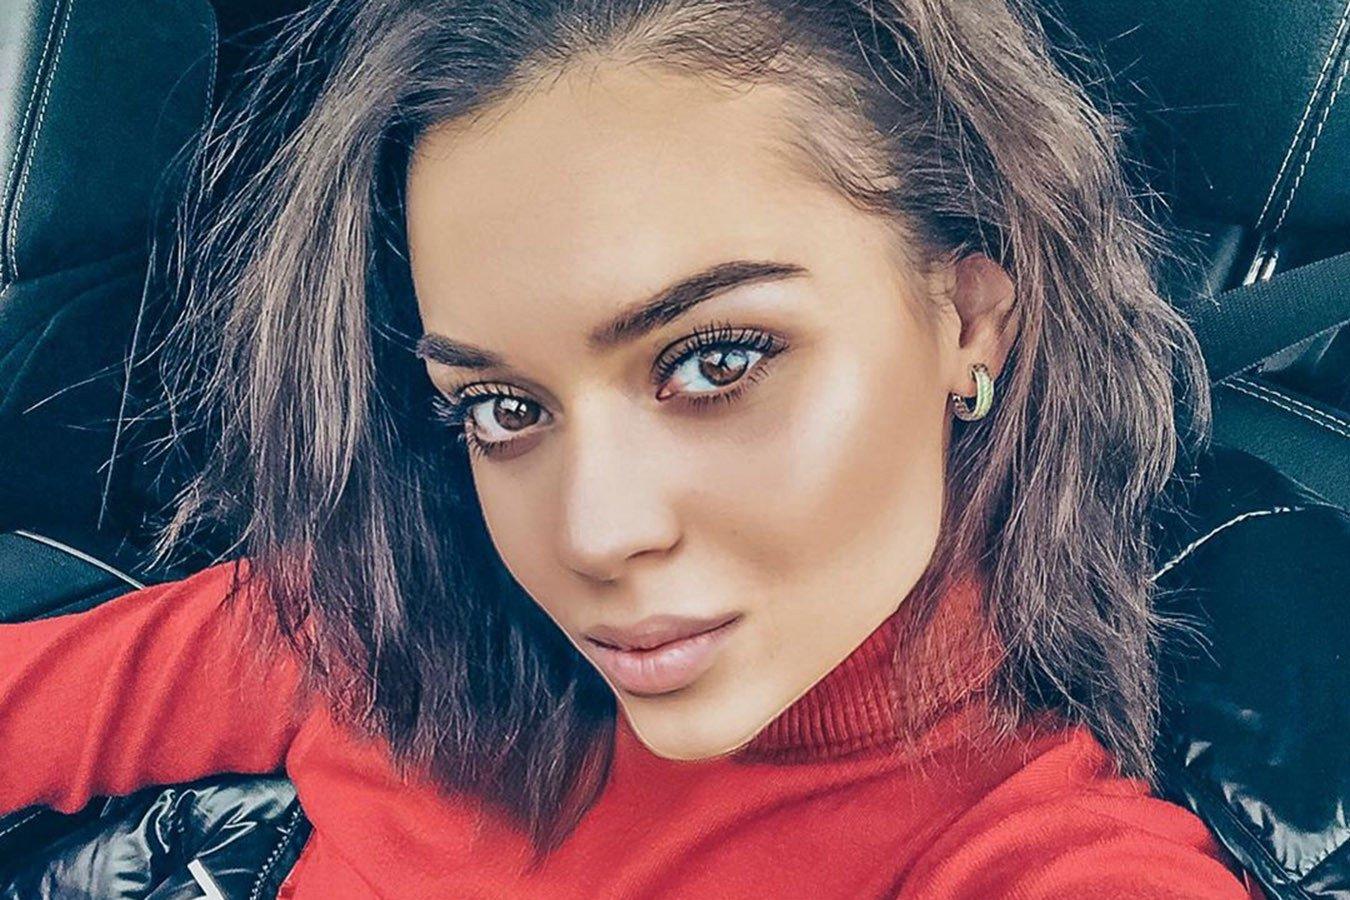 «Он будет самый счастливый». Аделина Сотникова ответила на вопрос о будущем муже